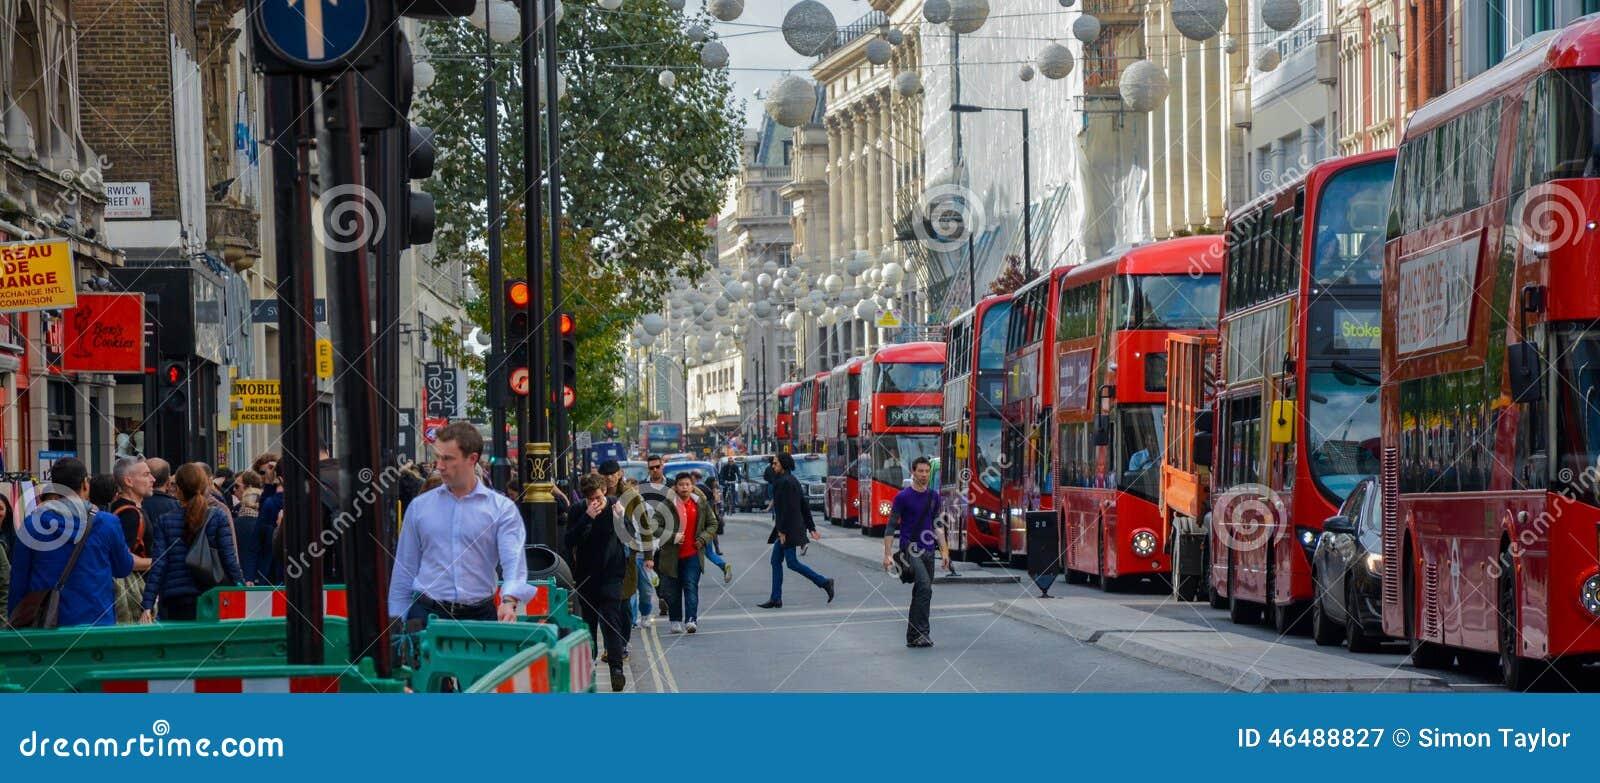 des-images-de-londonres